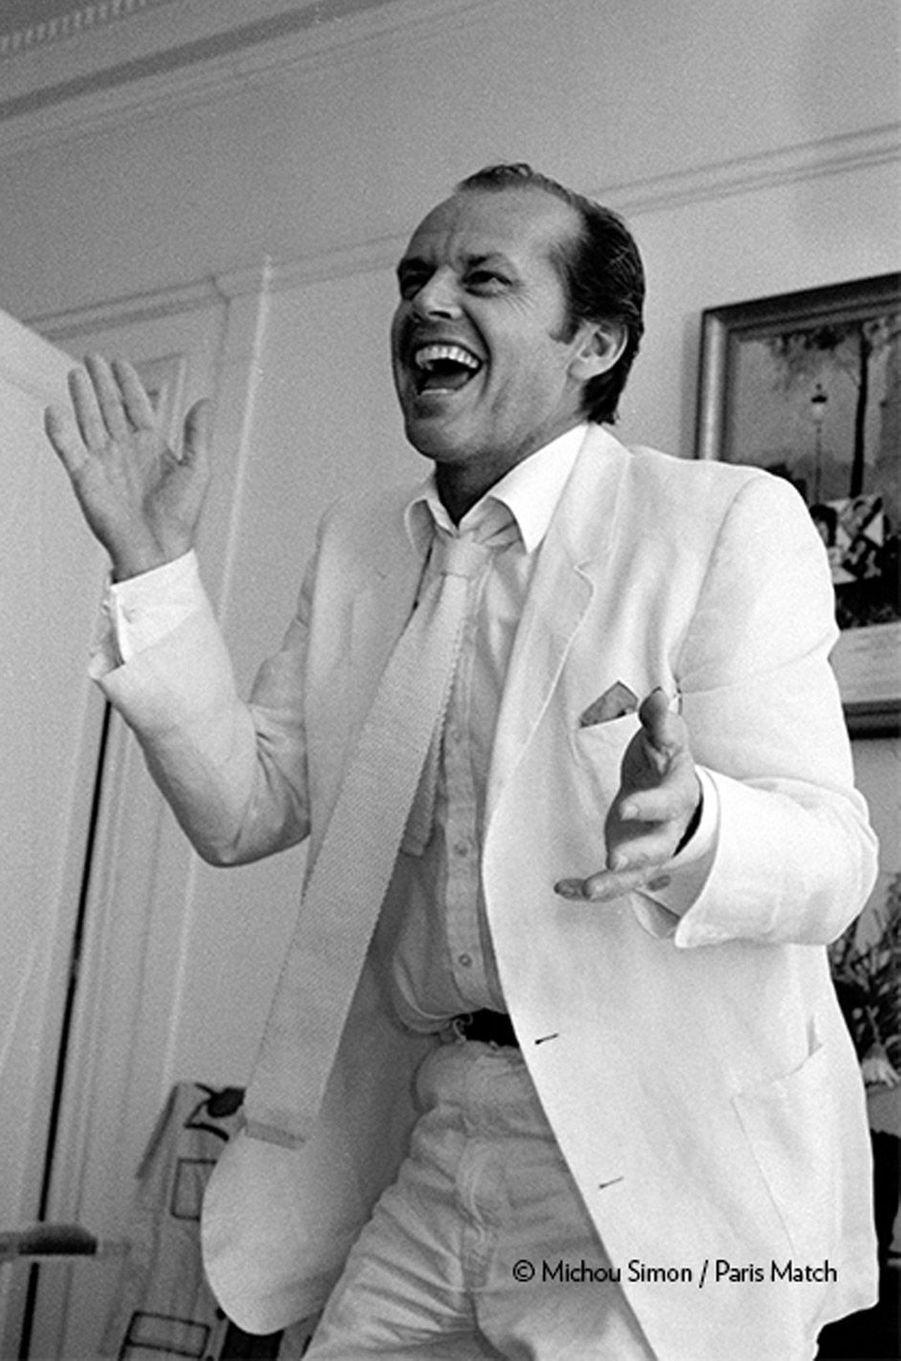 Le facteur sonne toujours deux fois, le film de Bob Rafelson où il se transforme en meurtrier pour les beaux yeux de Jessica Lange, va être projeté ce soir, hors compétition, au Festival de Cannes. Ce sera un triomphe.